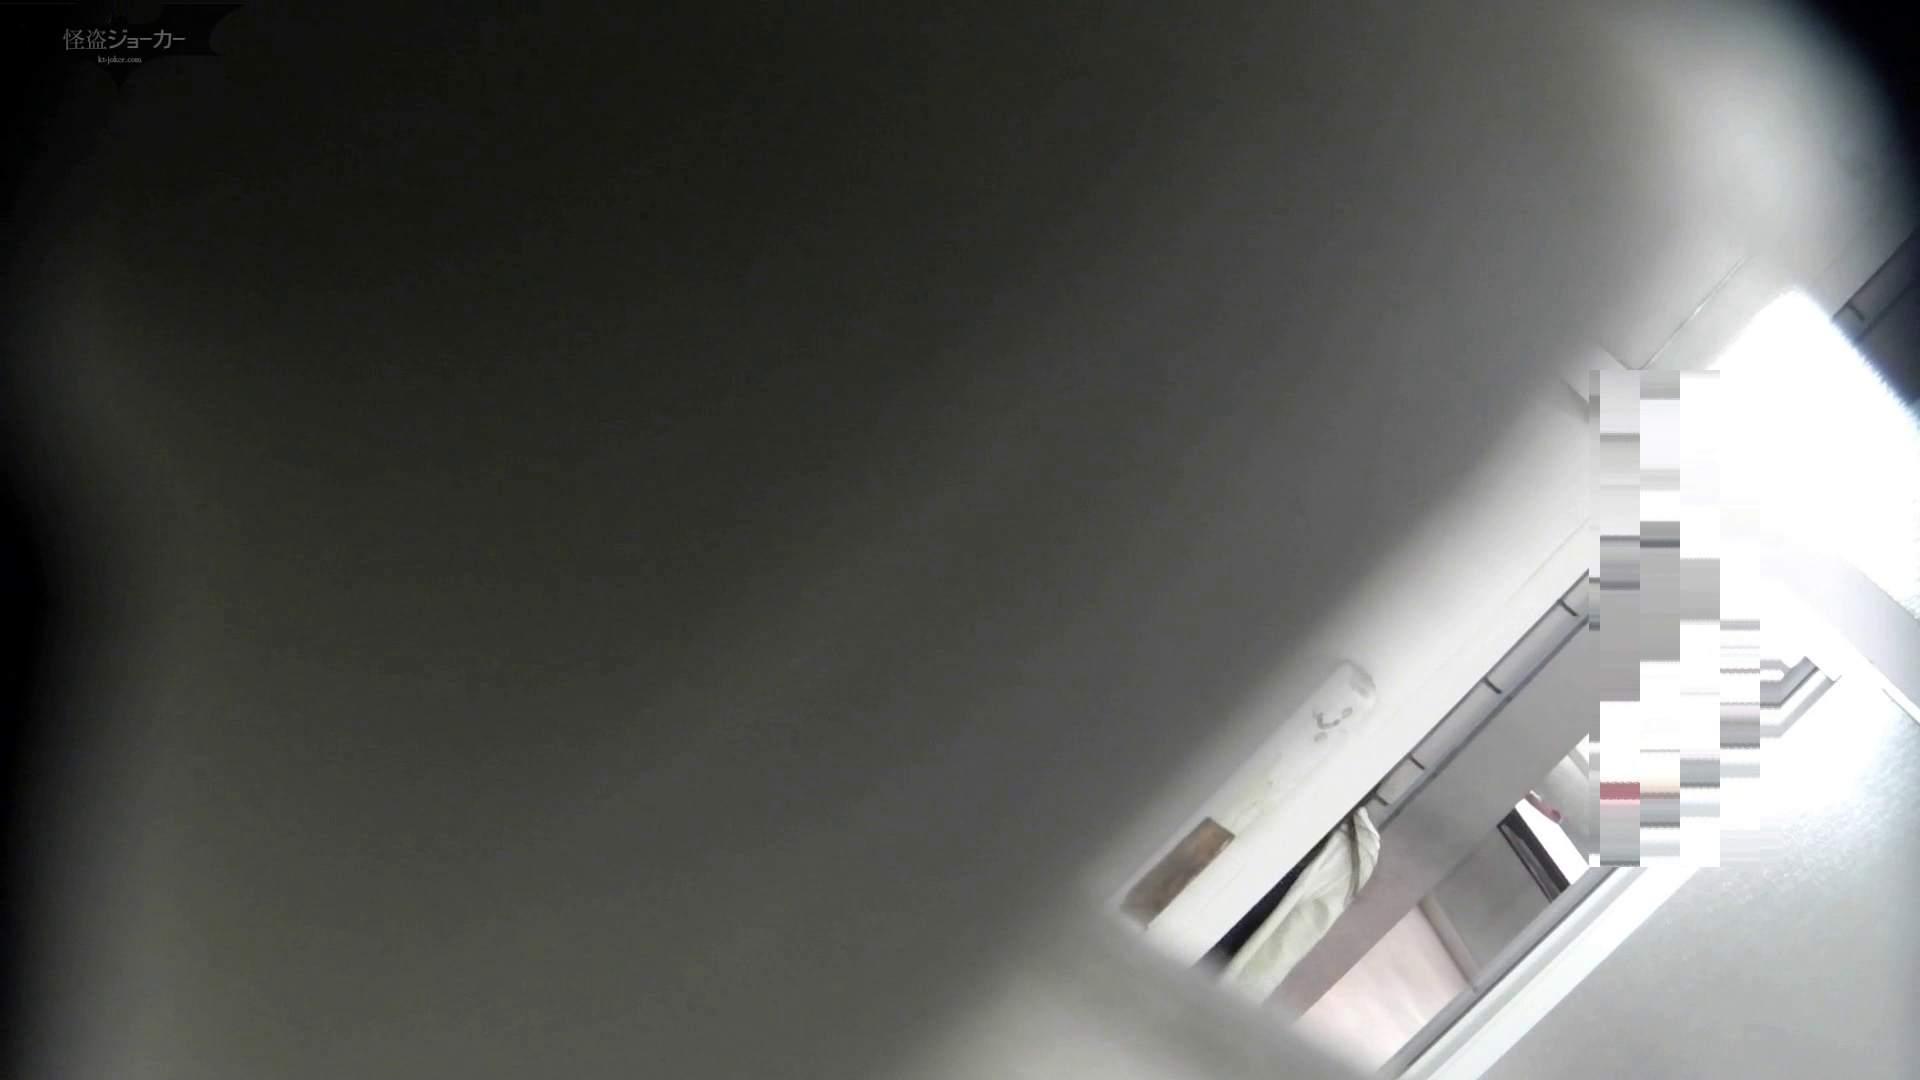 【美しき個室な世界】洗面所特攻隊 vol.046 更に進化【2015・07位】 お姉さんのSEX SEX無修正画像 96枚 88